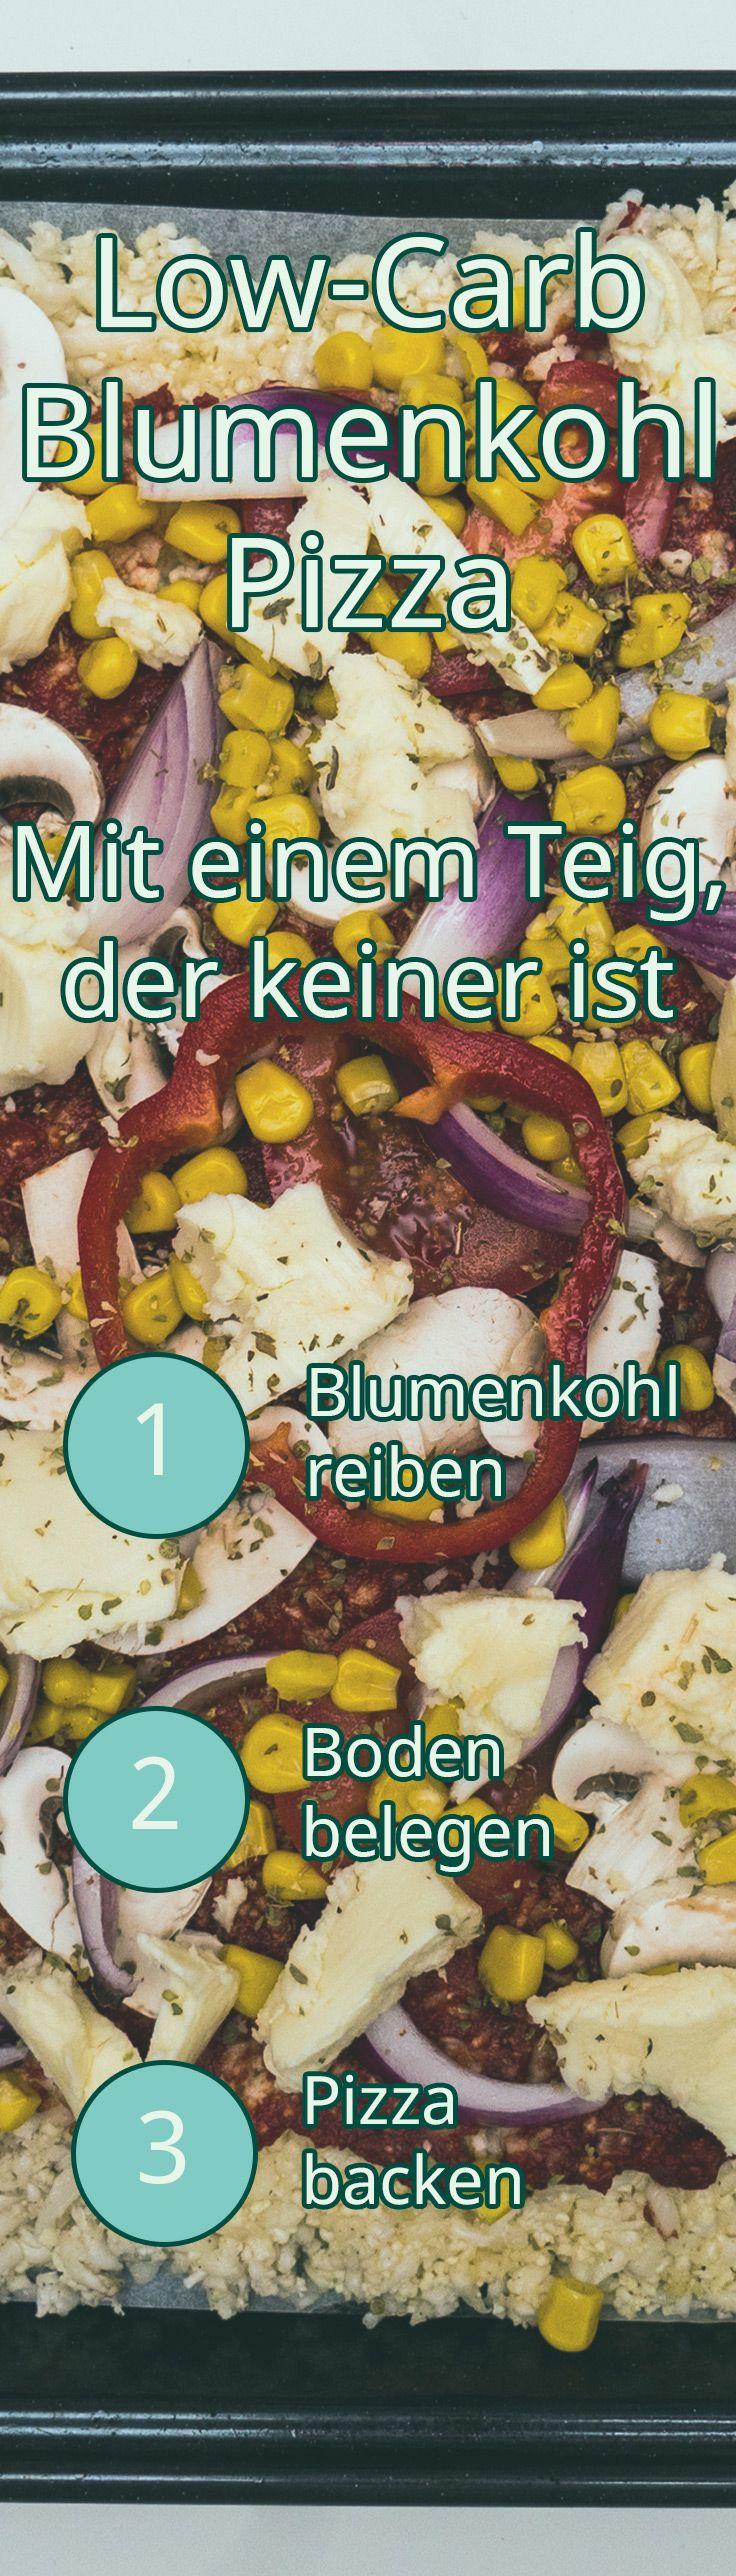 Low-Carb Blumenkohl Pizza Rezept